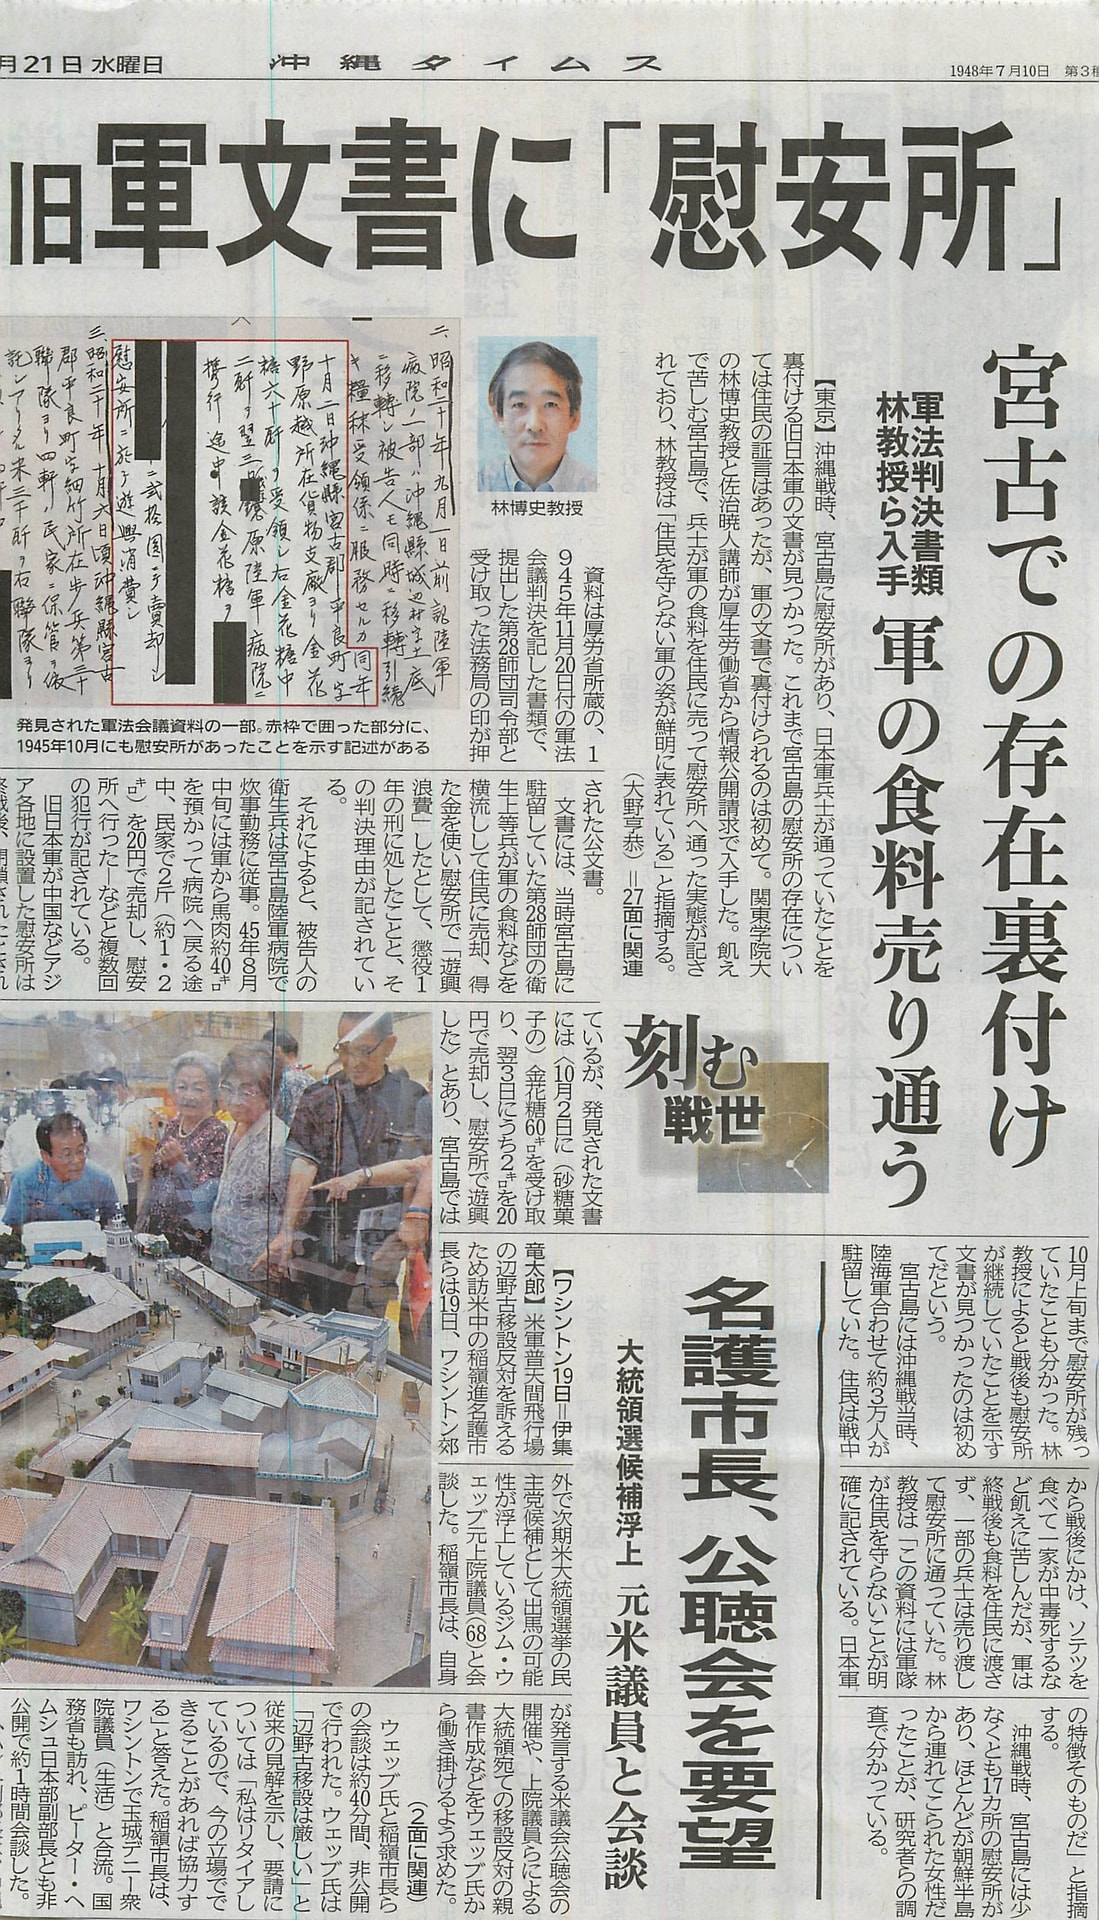 川田文子の性奴隷説掲載は沖縄タ...